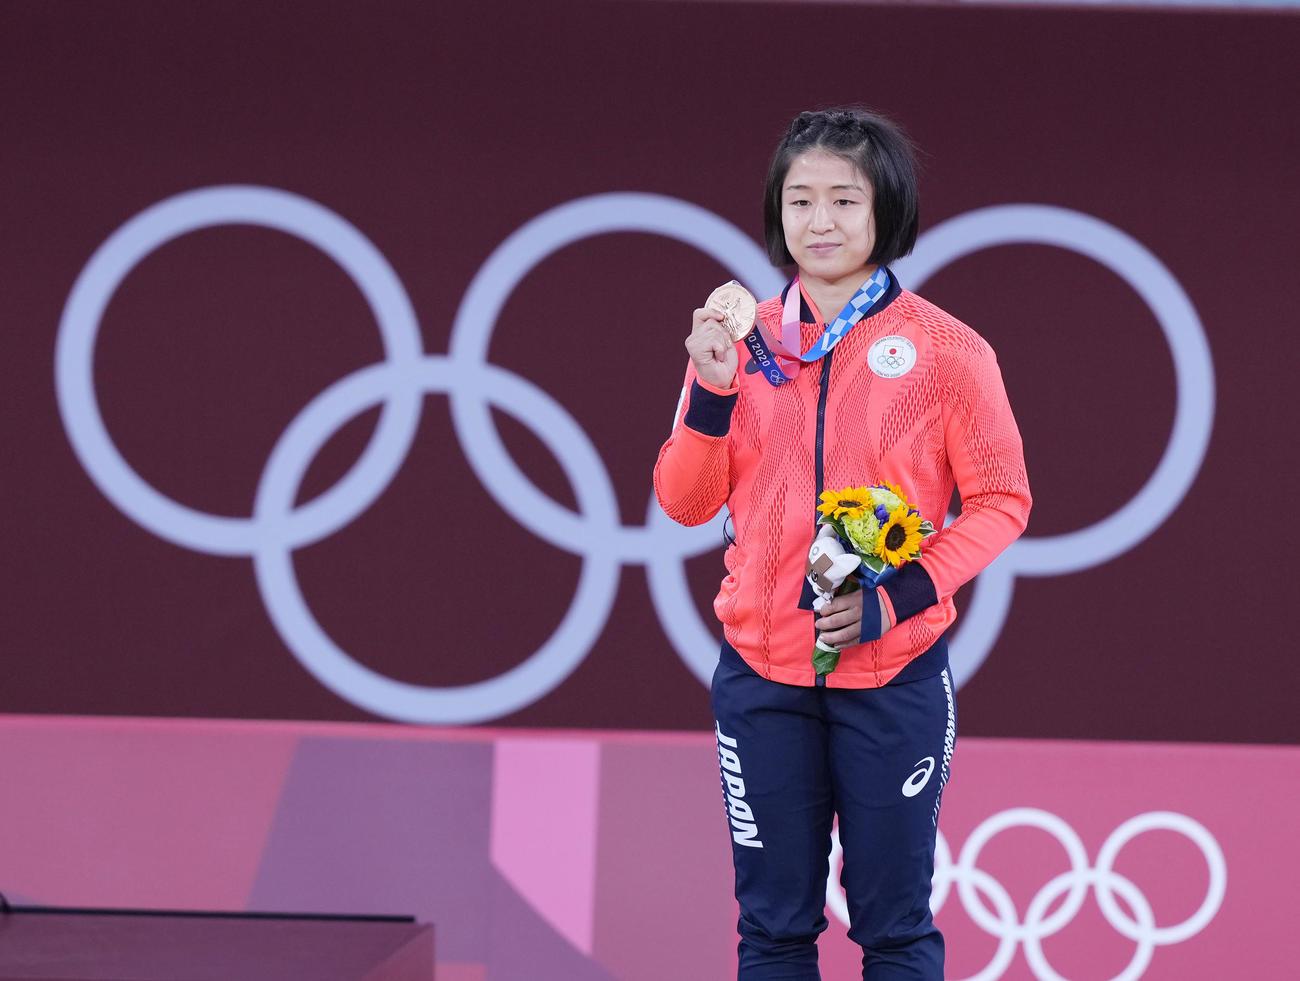 柔道女子57キロ級で3位の芳田は、笑顔で銅メダルを手にする